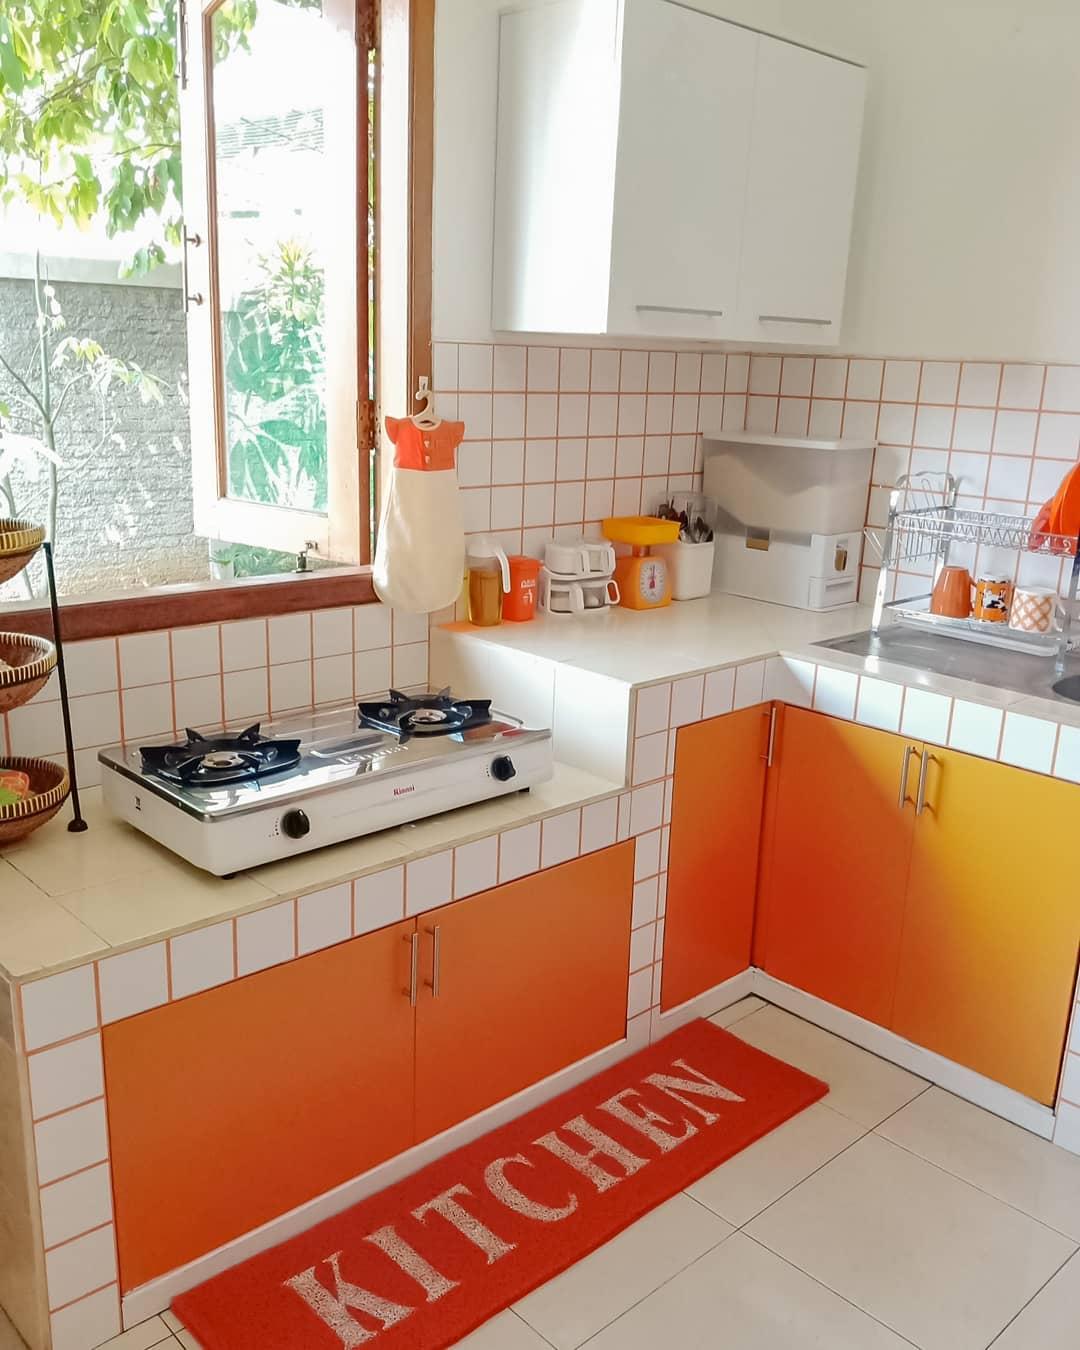 Kumpulan Contoh Model Desain Dapur Sederhana Di Lahan Yang Terbatas Homeshabby Com Design Home Plans Home Decorating And Interior Design